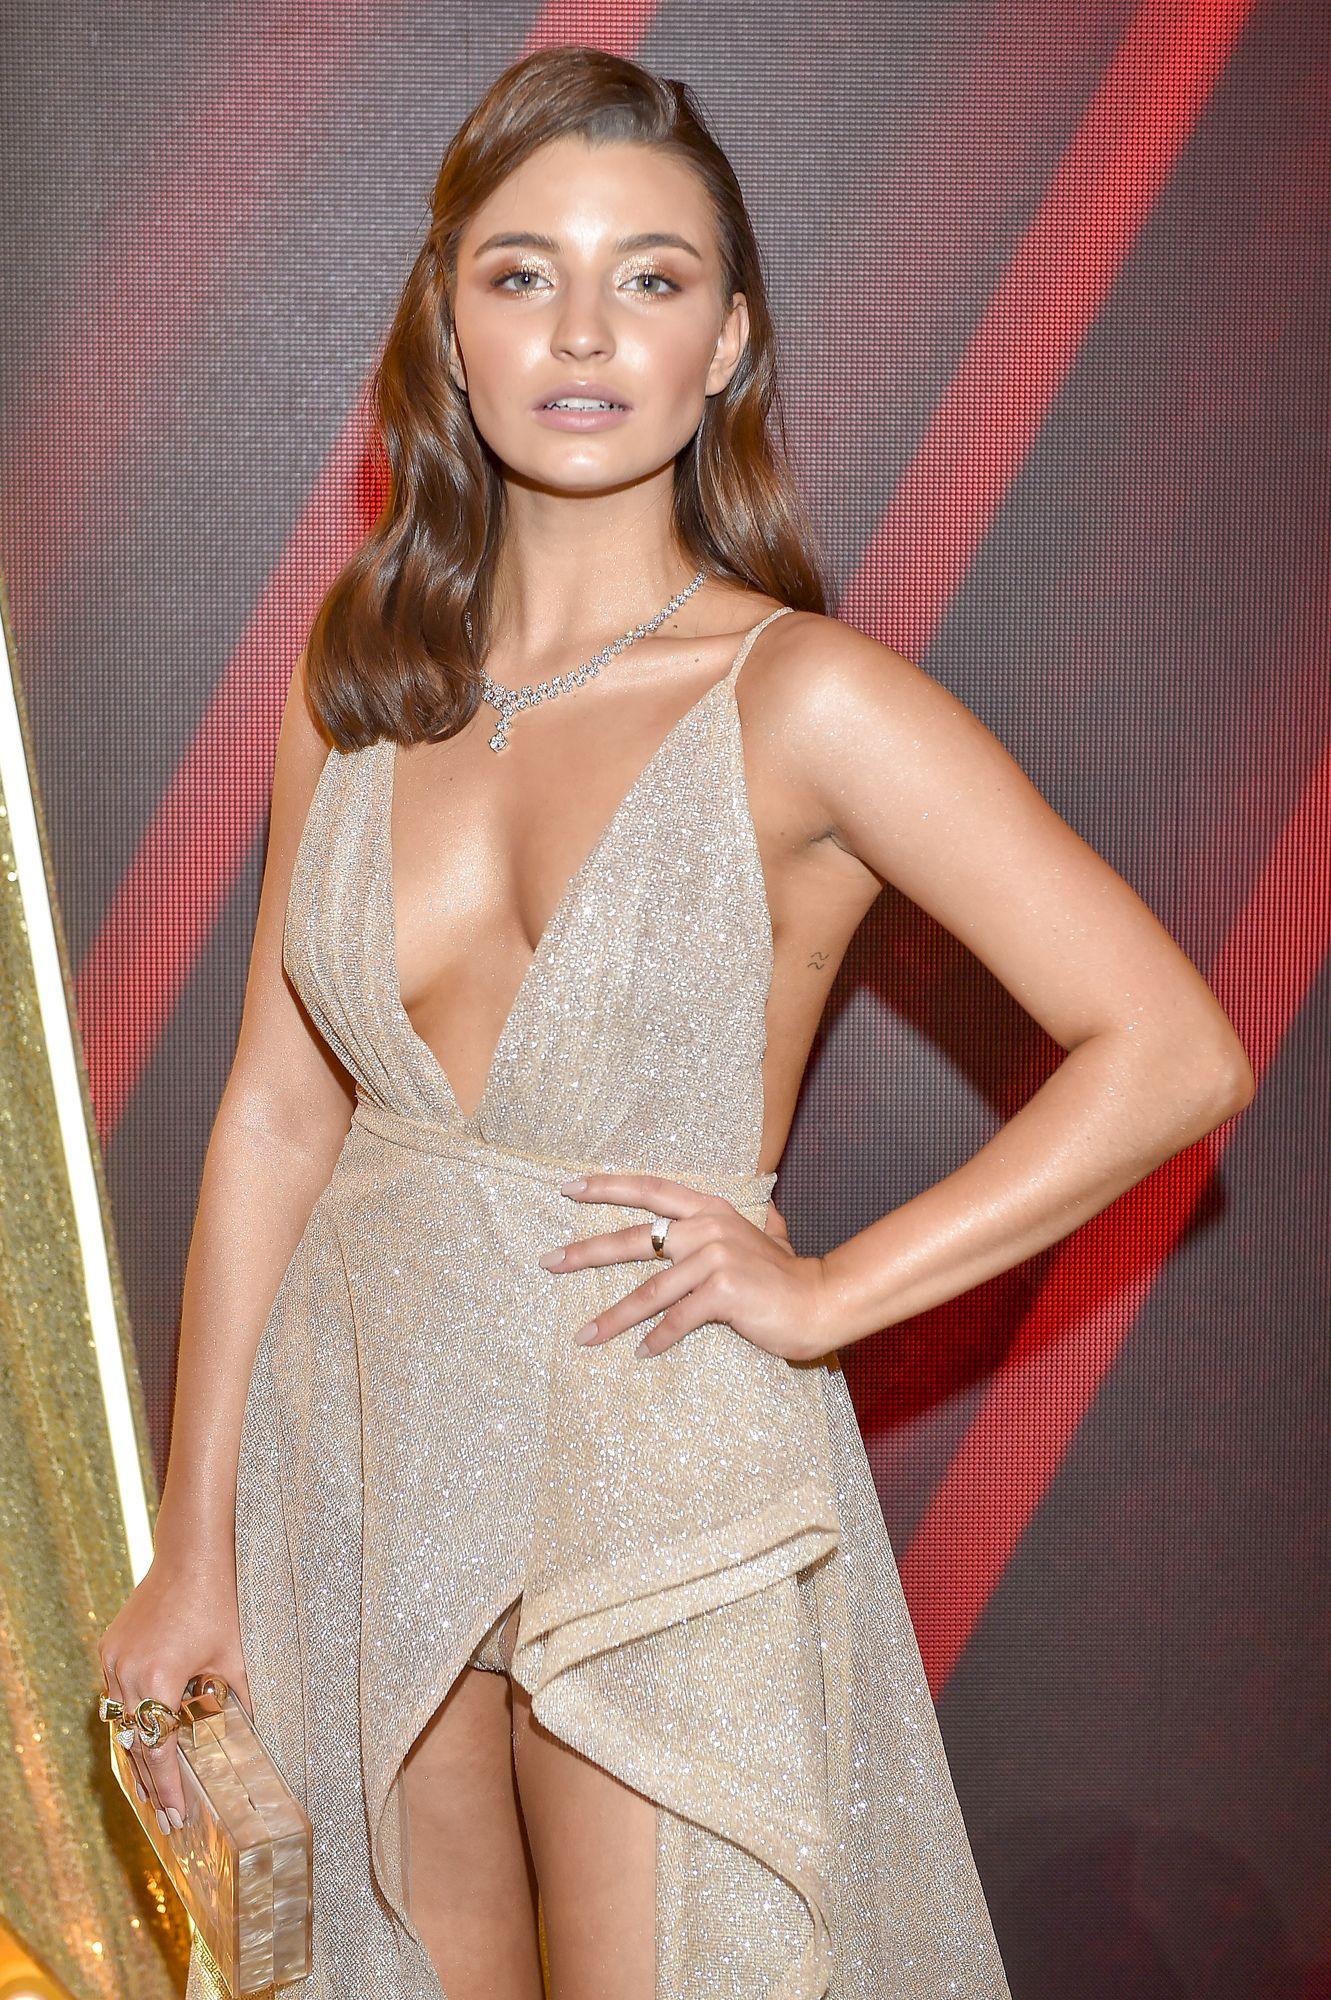 Julia Wieniawa chyba zbyt dosłownie potraktowała nowy trend w stylizacji włosów